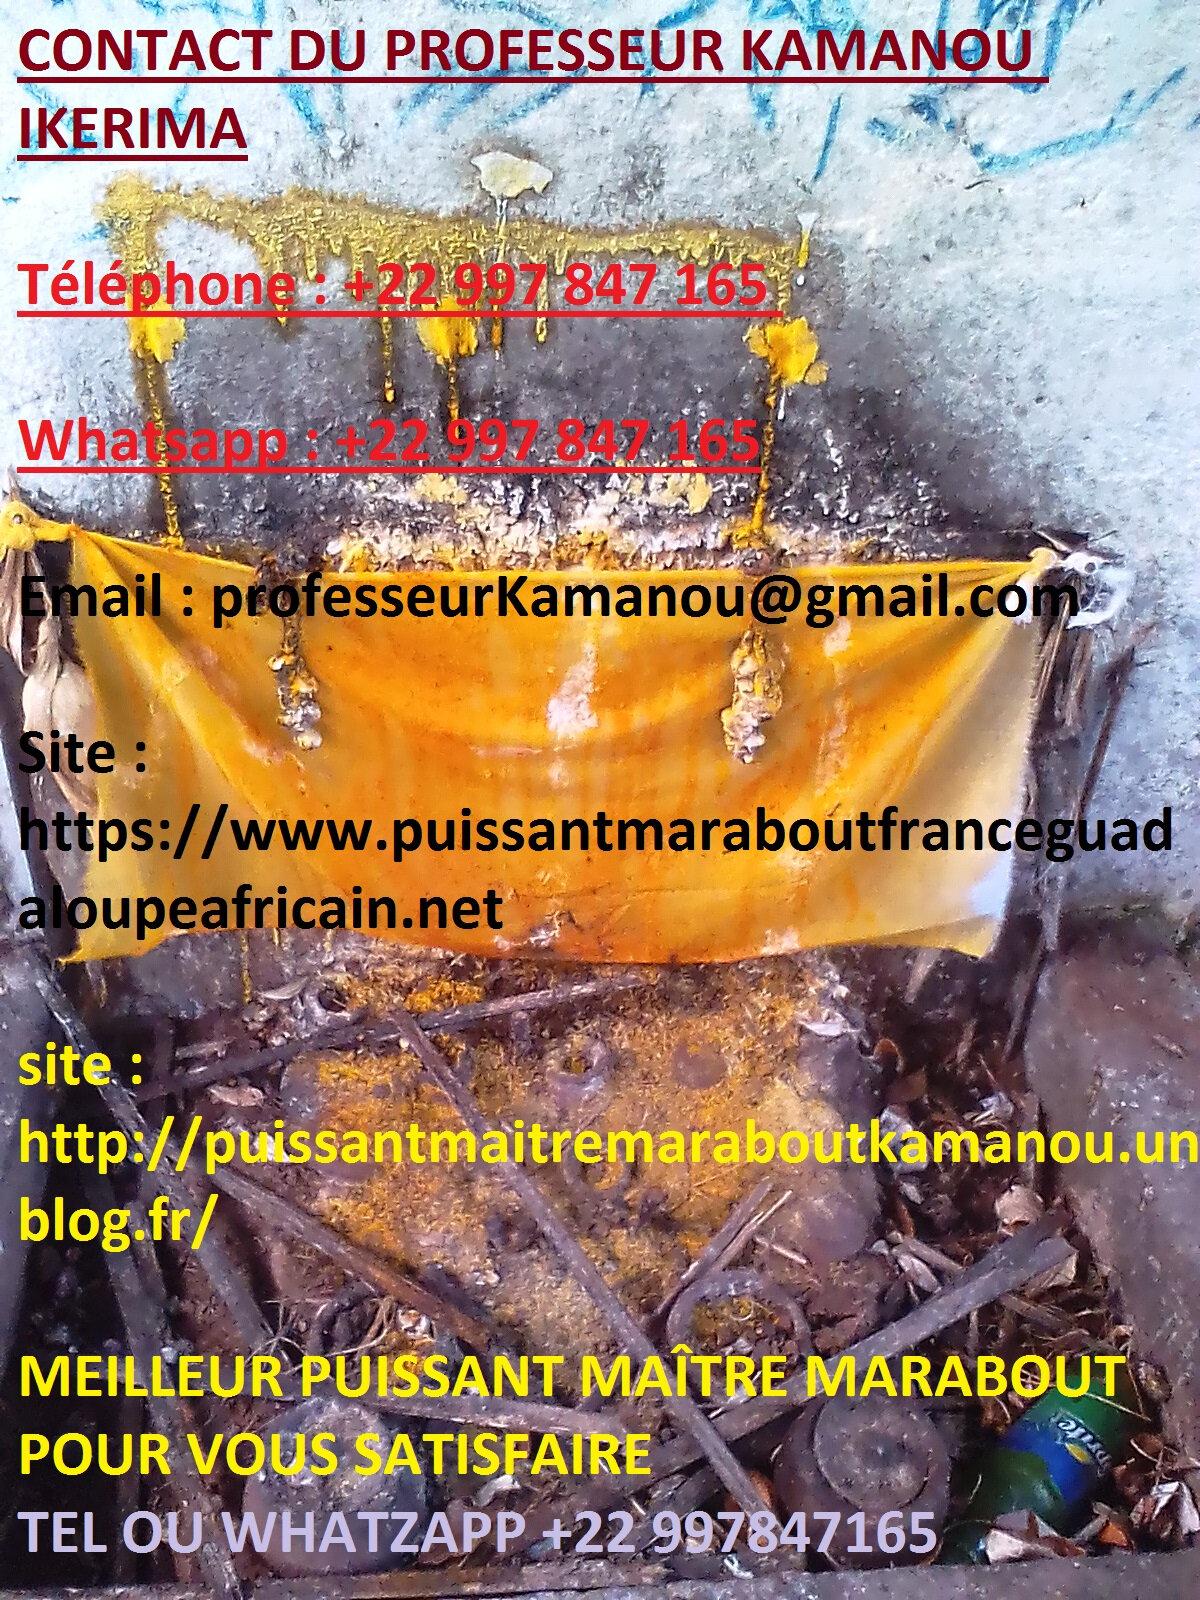 MARABOUT RETOUR AFFECTIF IMMÉDIAT MEDIUM GUÉRISSEUR VOYANT AFRICAIN LE PROFESSEUR KAMANOU IKERIMA-LE PLUS PUISSANT MAITRE MARAB